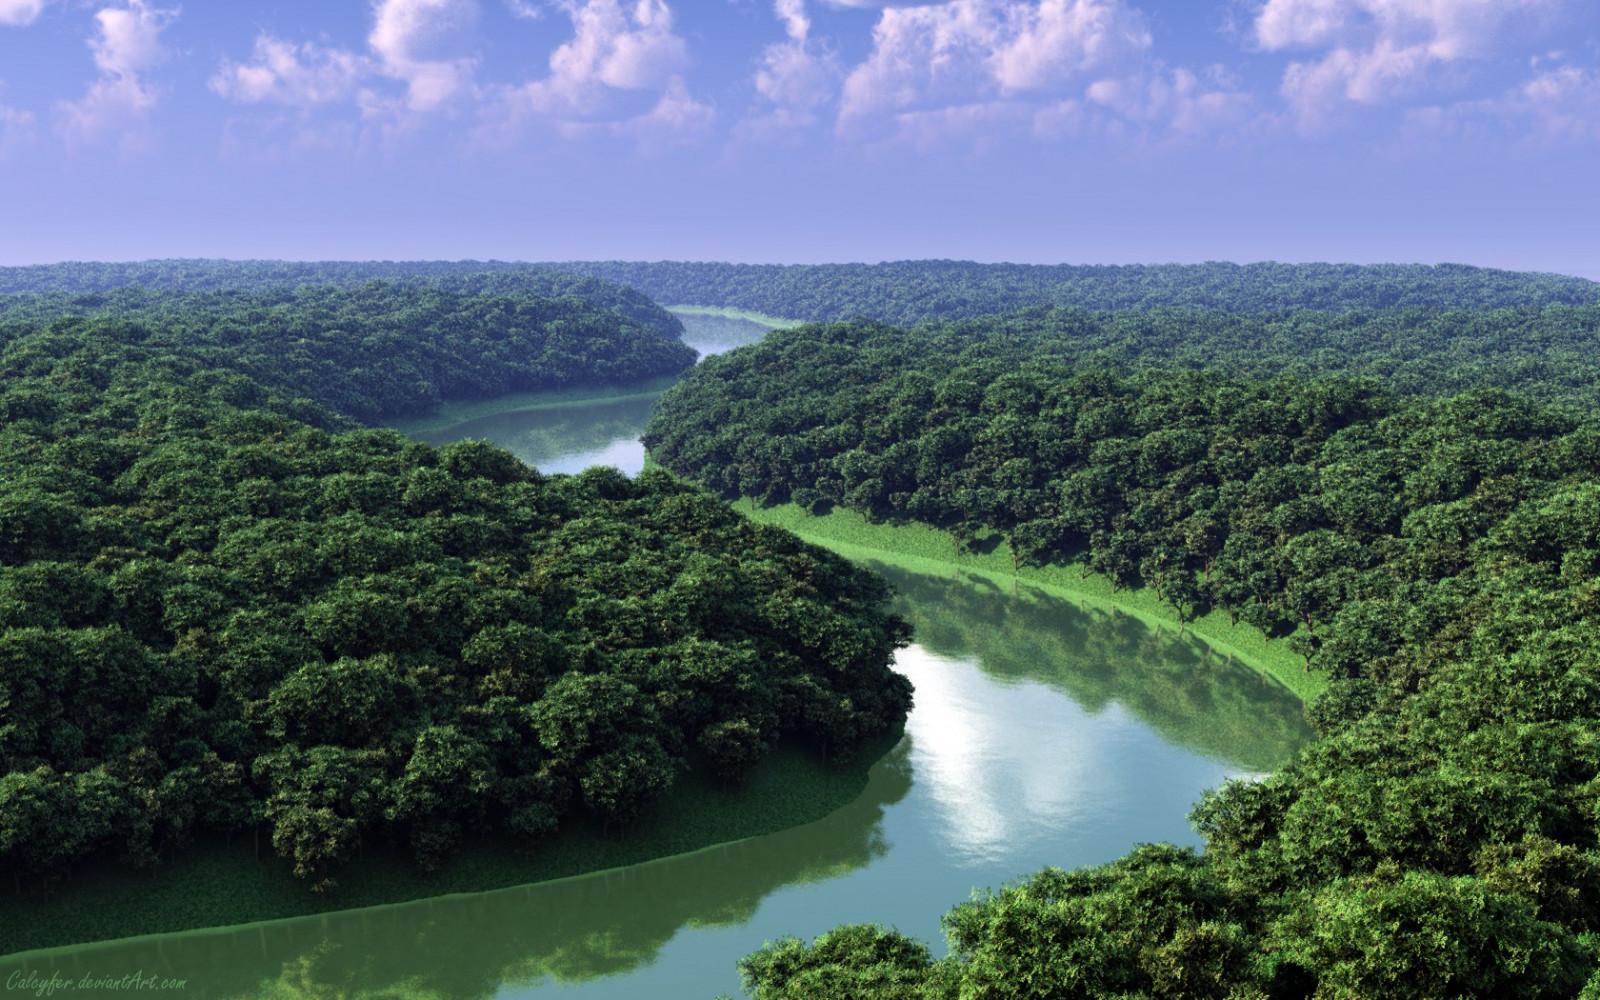 пейзаж лес Холм воды природа Река Джунгли Тропический лес Дерево Растительность Резервуар естественная среда окружающая среда Атмосферное явление Географический объект аэрофотосъемка Экосистемный водное пространство